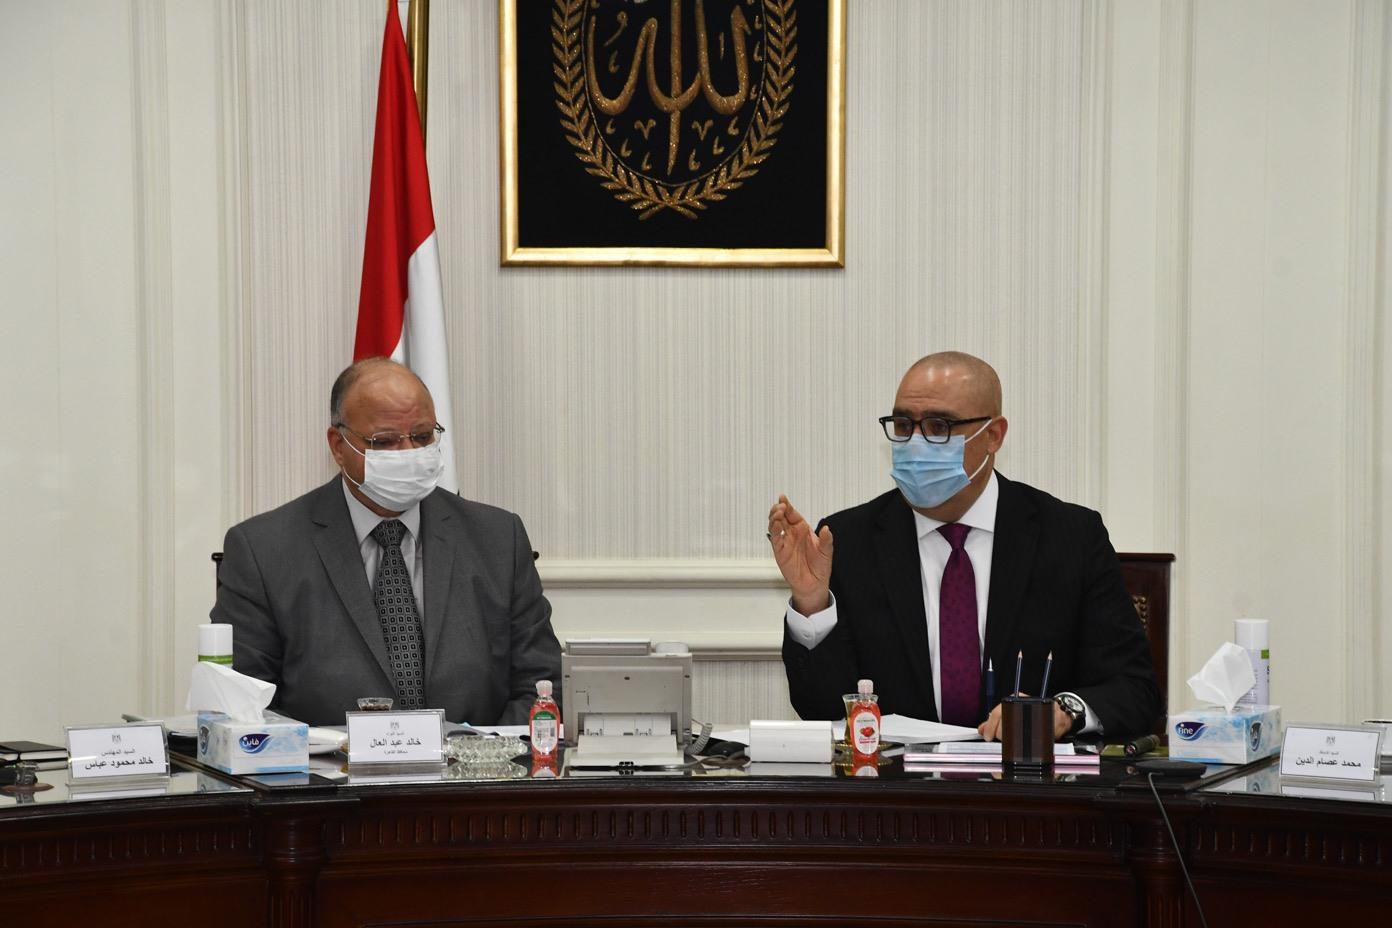 صور | وزير الإسكان ومحافظ القاهرة يتابعان الموقف التنفيذى لمشروعات التطوير